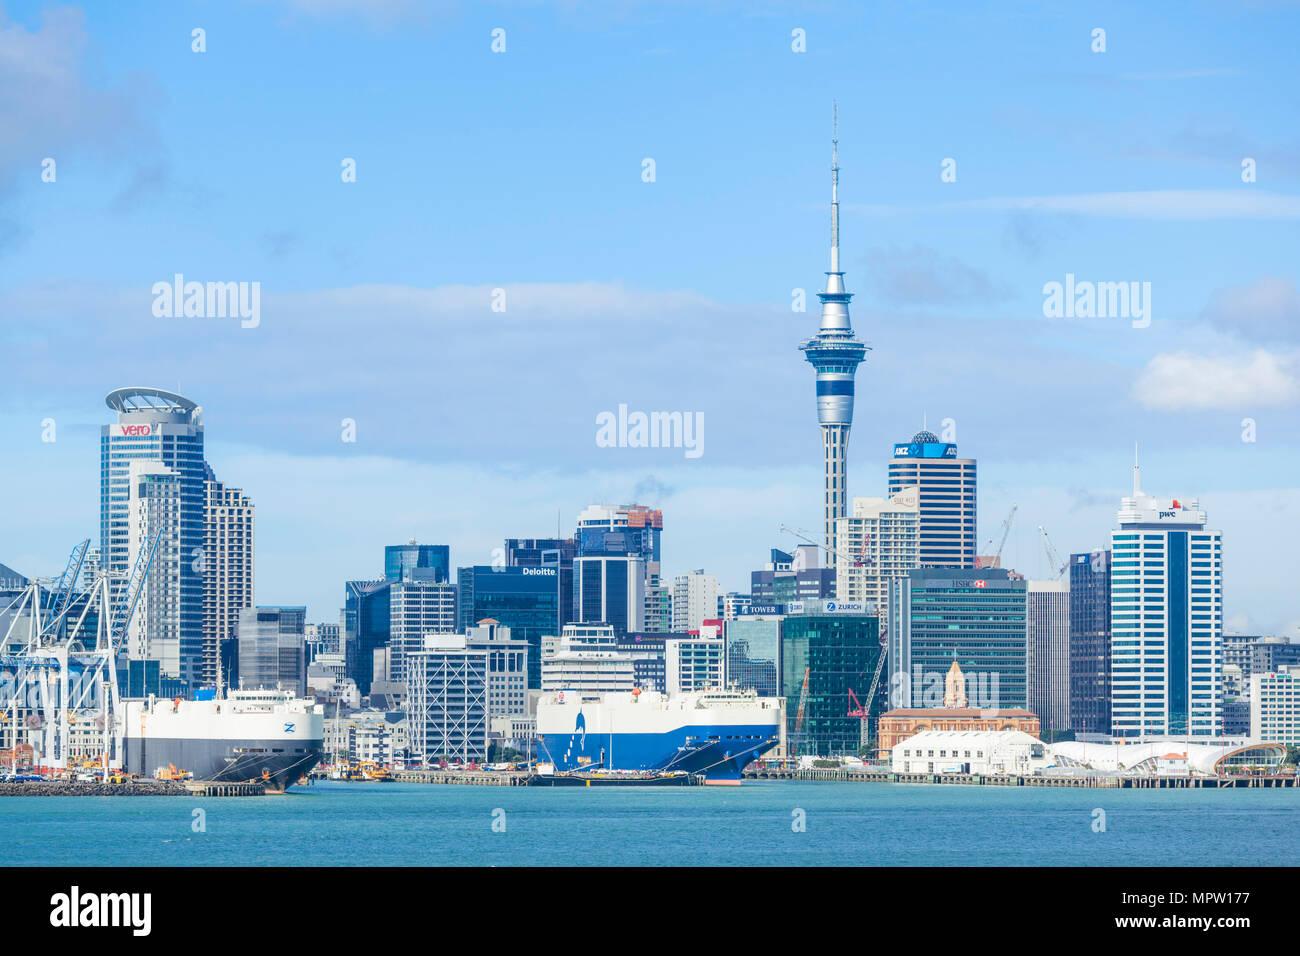 Nuova Zelanda Auckland Nuova Zelanda Isola del nord dello skyline di Auckland Waitemata Harbour cbd Sky Tower e la zona del molo del lungomare auckland nz Immagini Stock